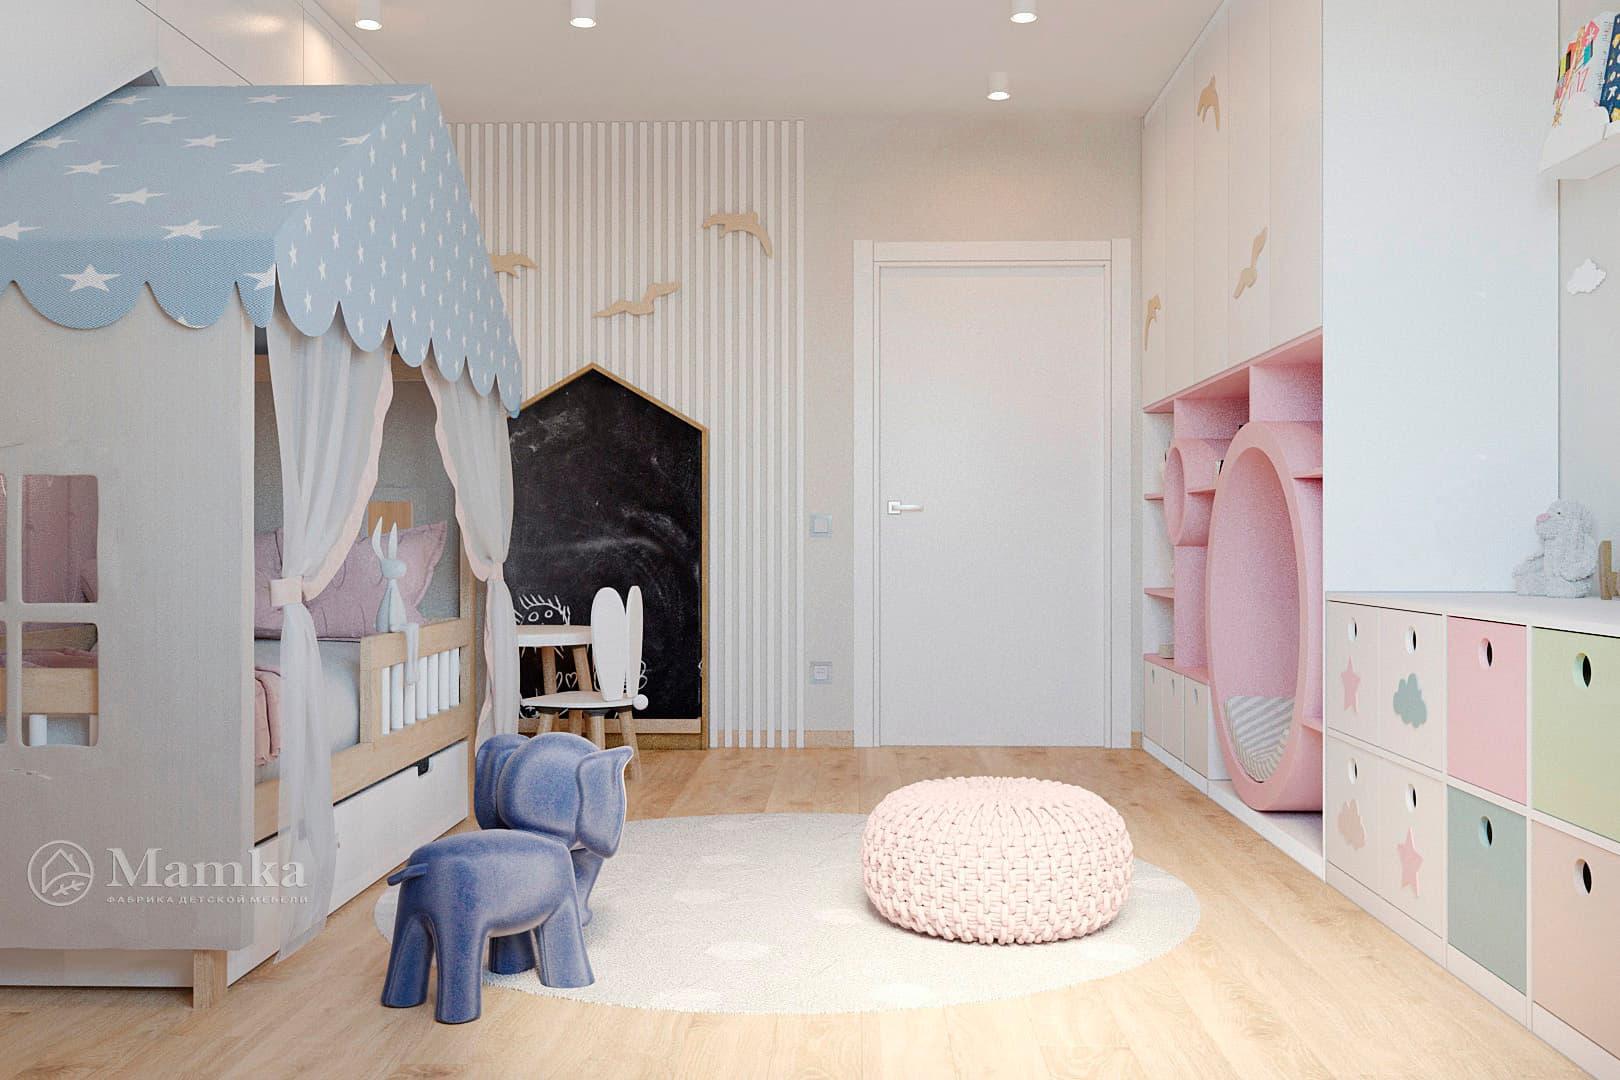 Дизайн детской для девочки фото 12-4